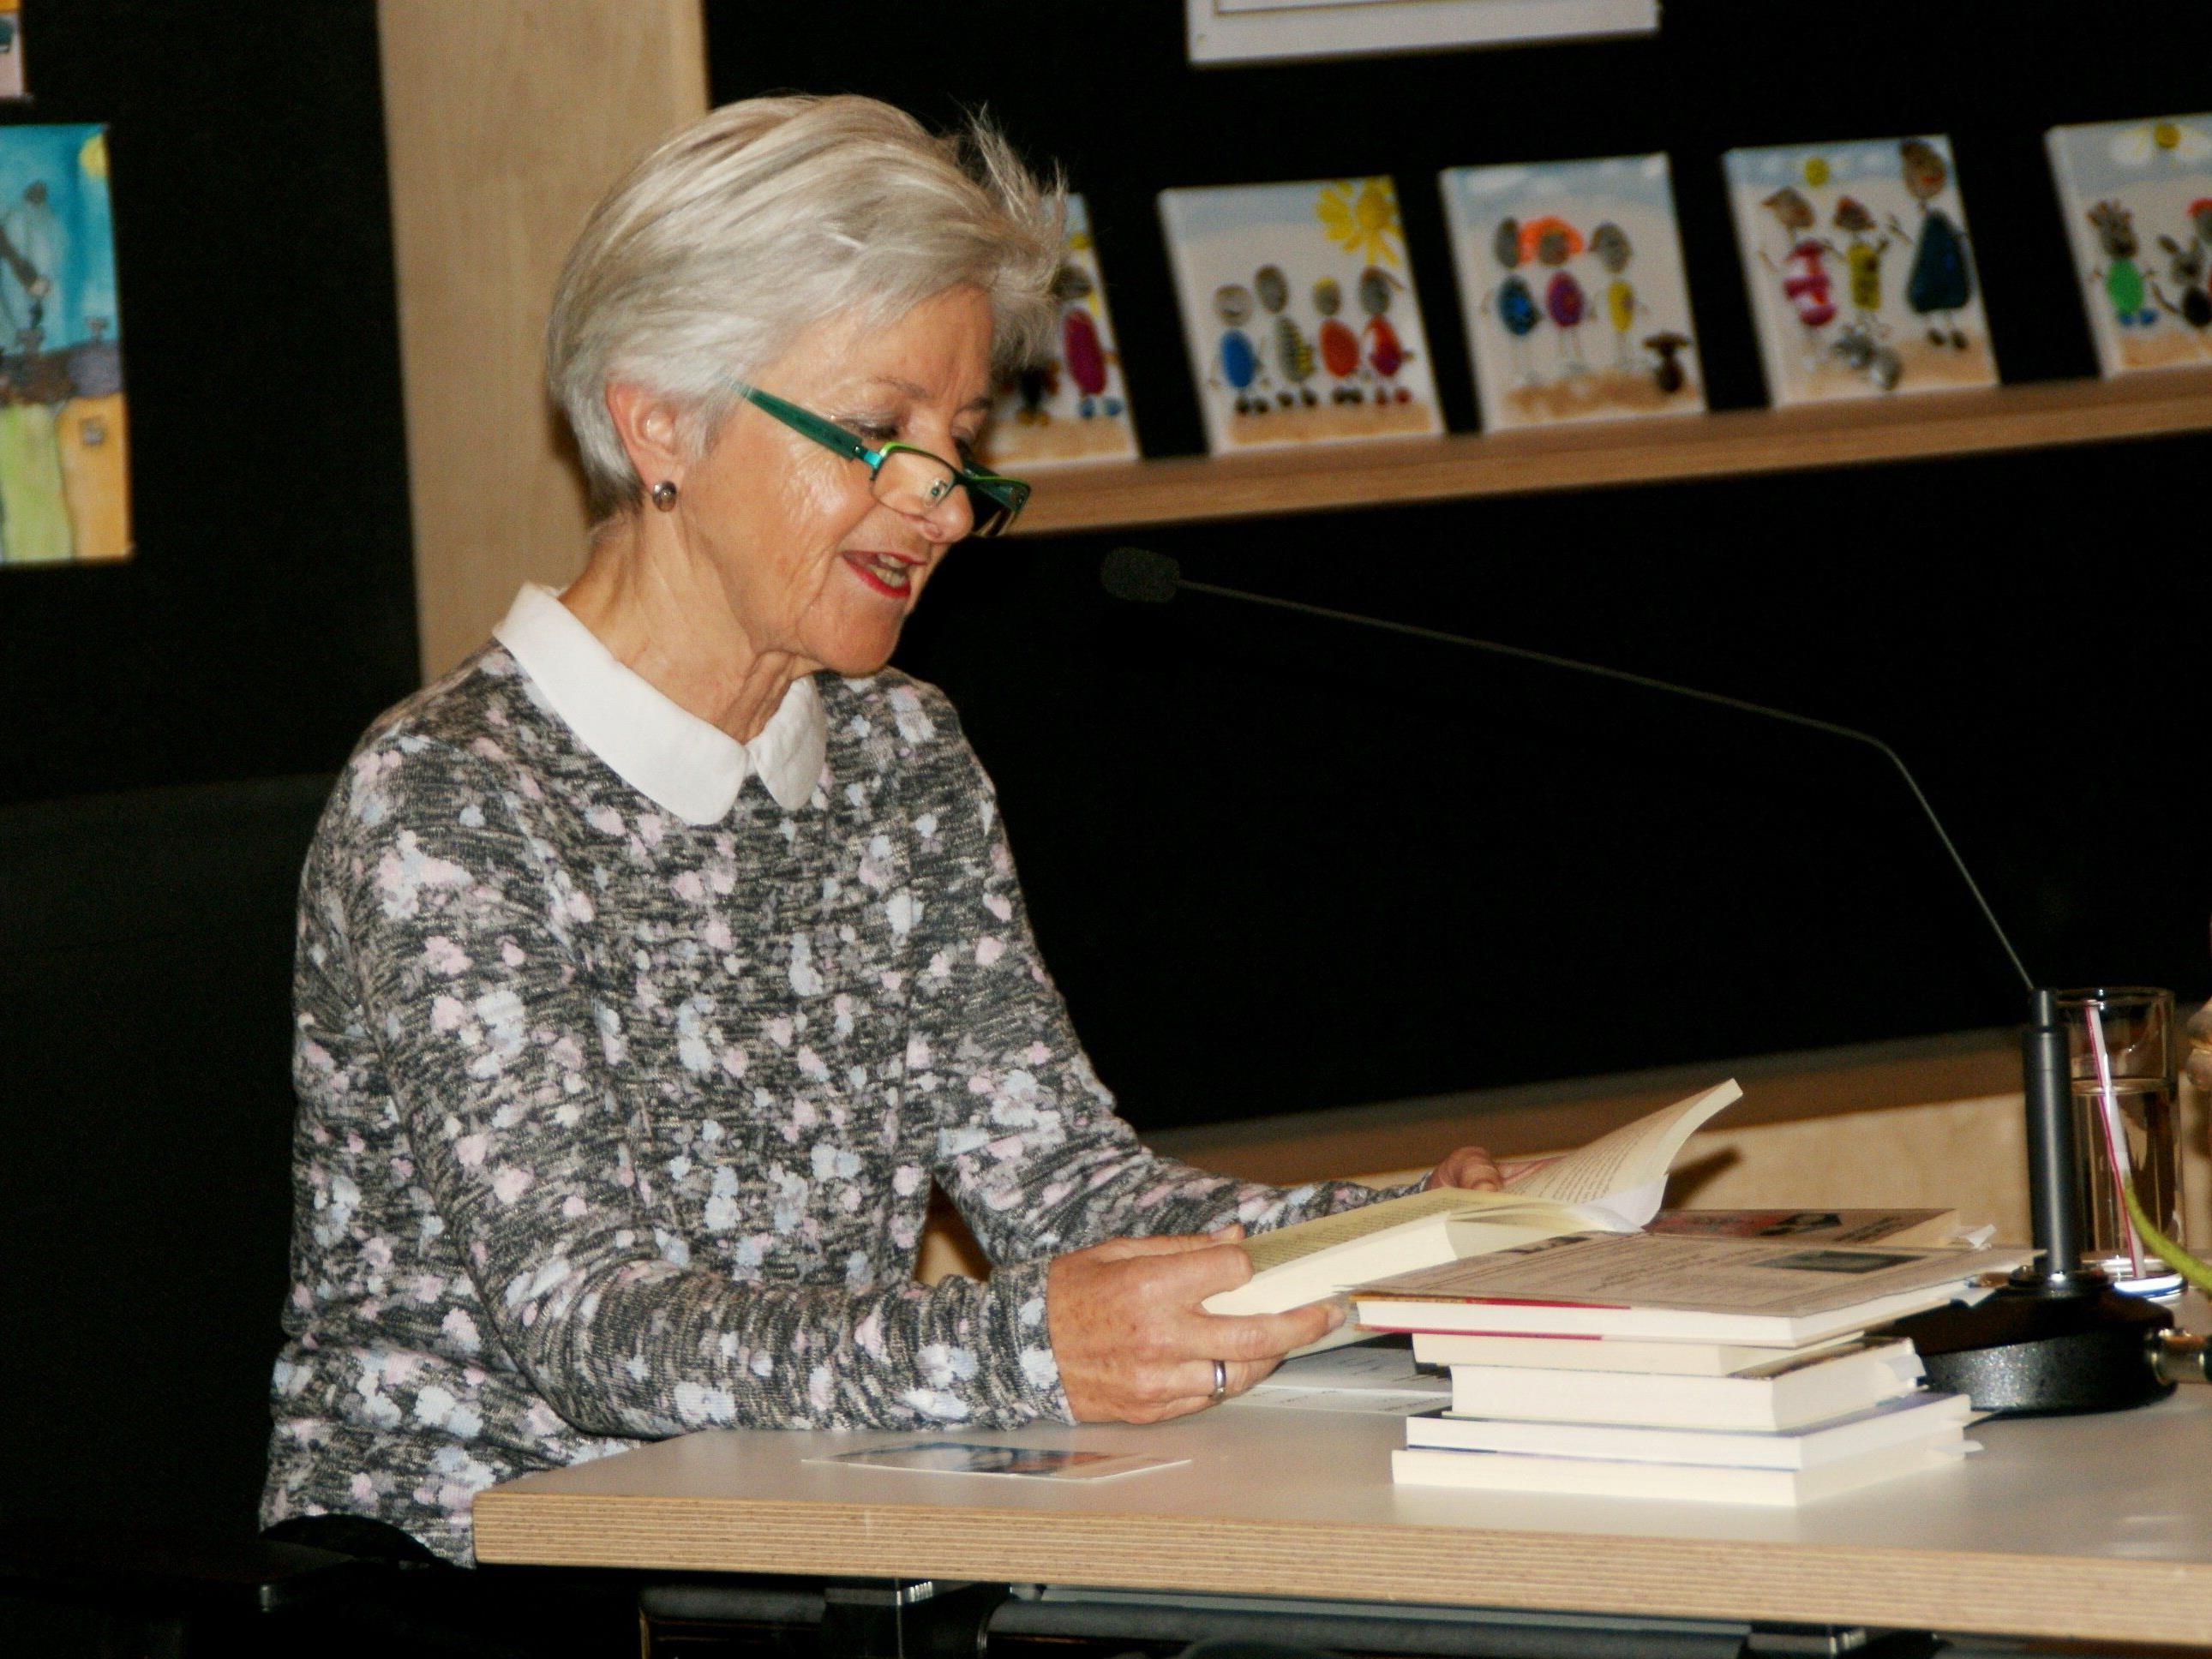 Bernarda Gisinger las Geschichten zum Lächeln und Weinen